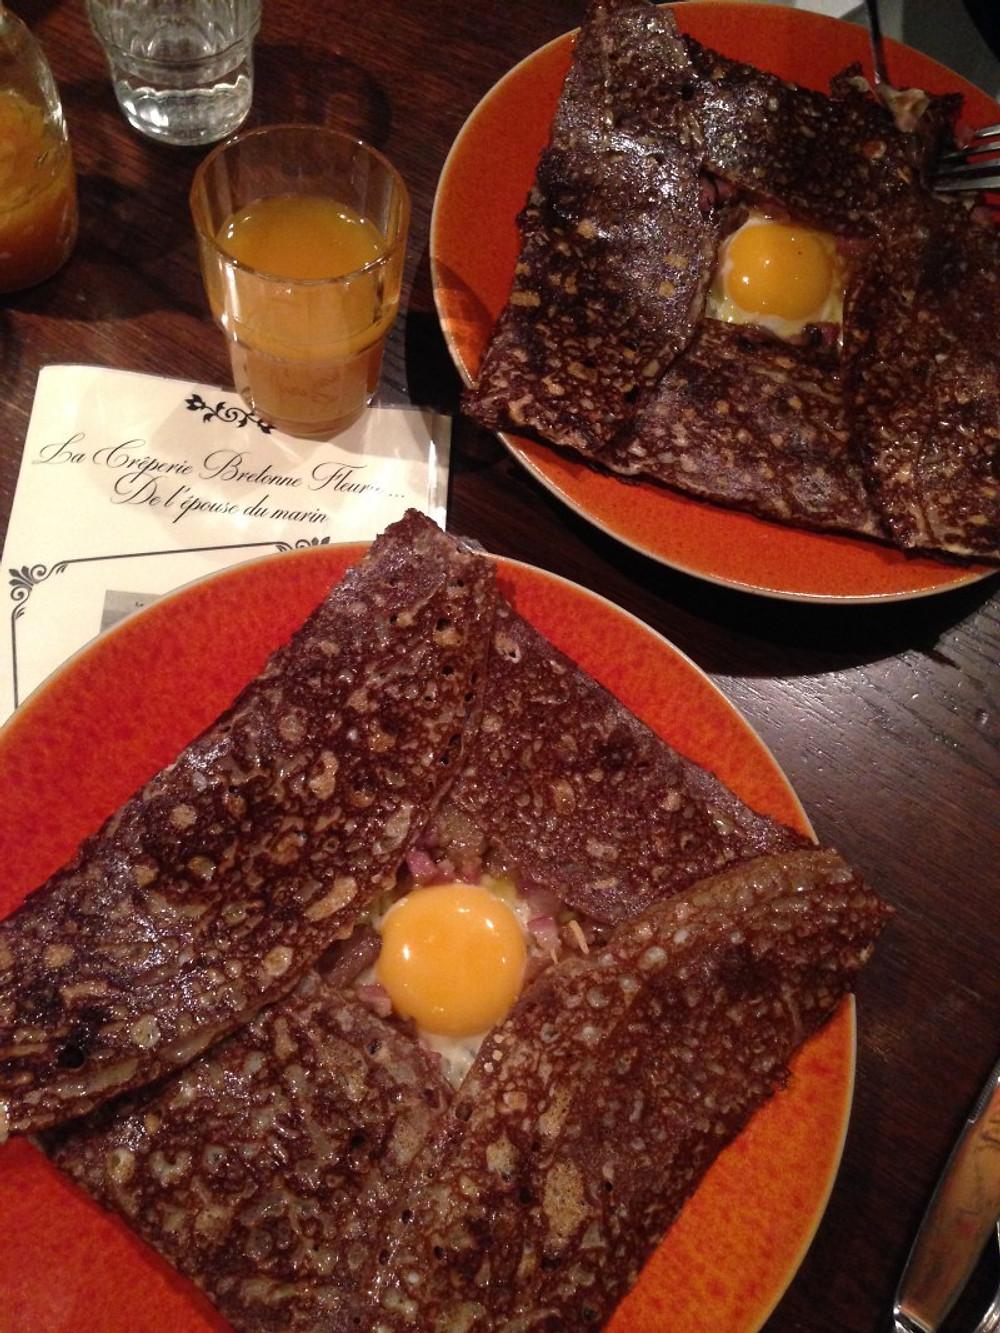 Délicieuses crêpes lardons, oignons, fromage, œuf & champignons dégustées à la @creperie_bretonne_fleurie